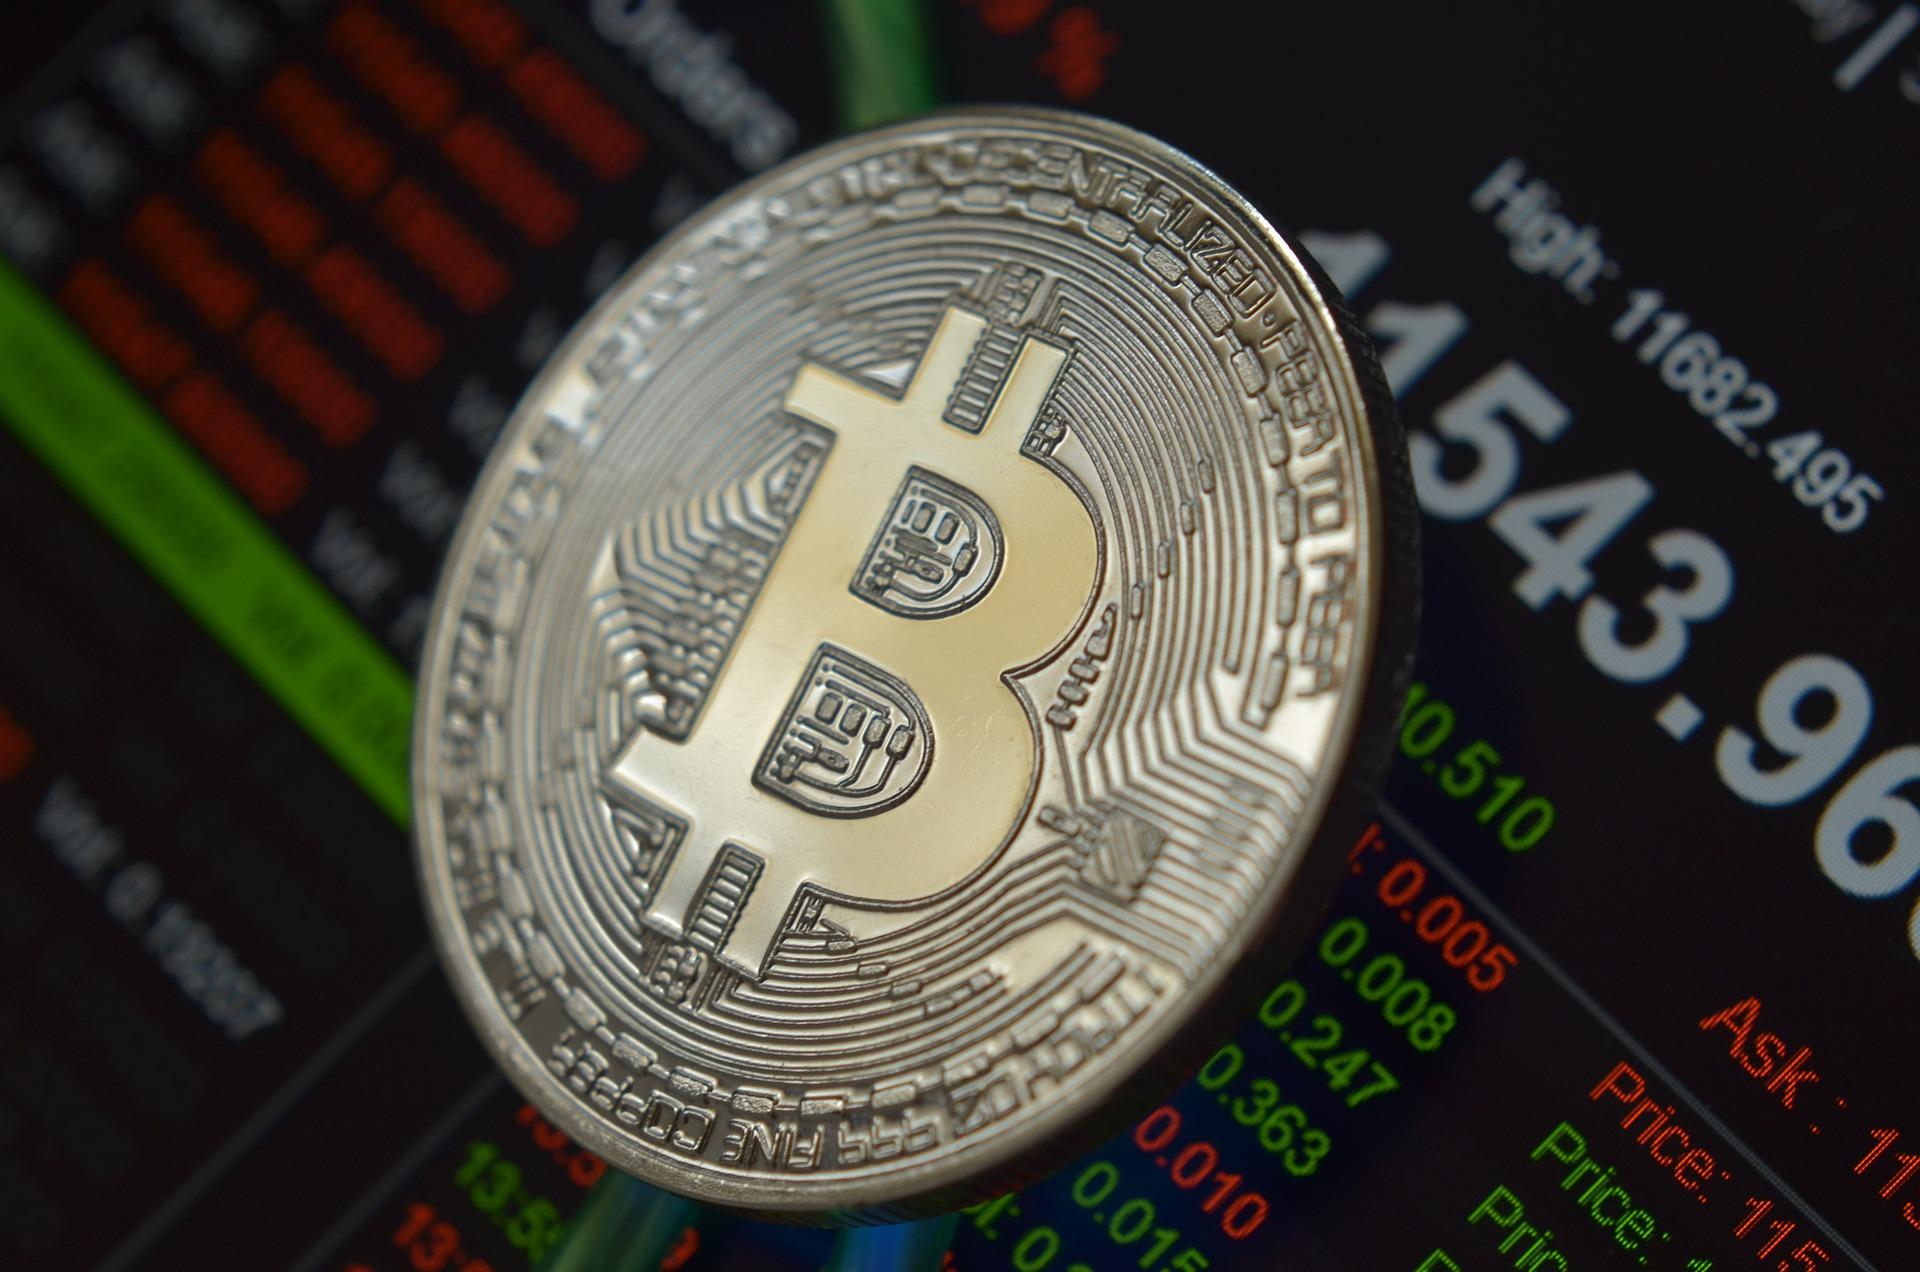 Encuesta de bitFlyer en Japón destaca que los inversores de criptomonedas se enfocan en el mercado a largo plazo más que a corto plazo